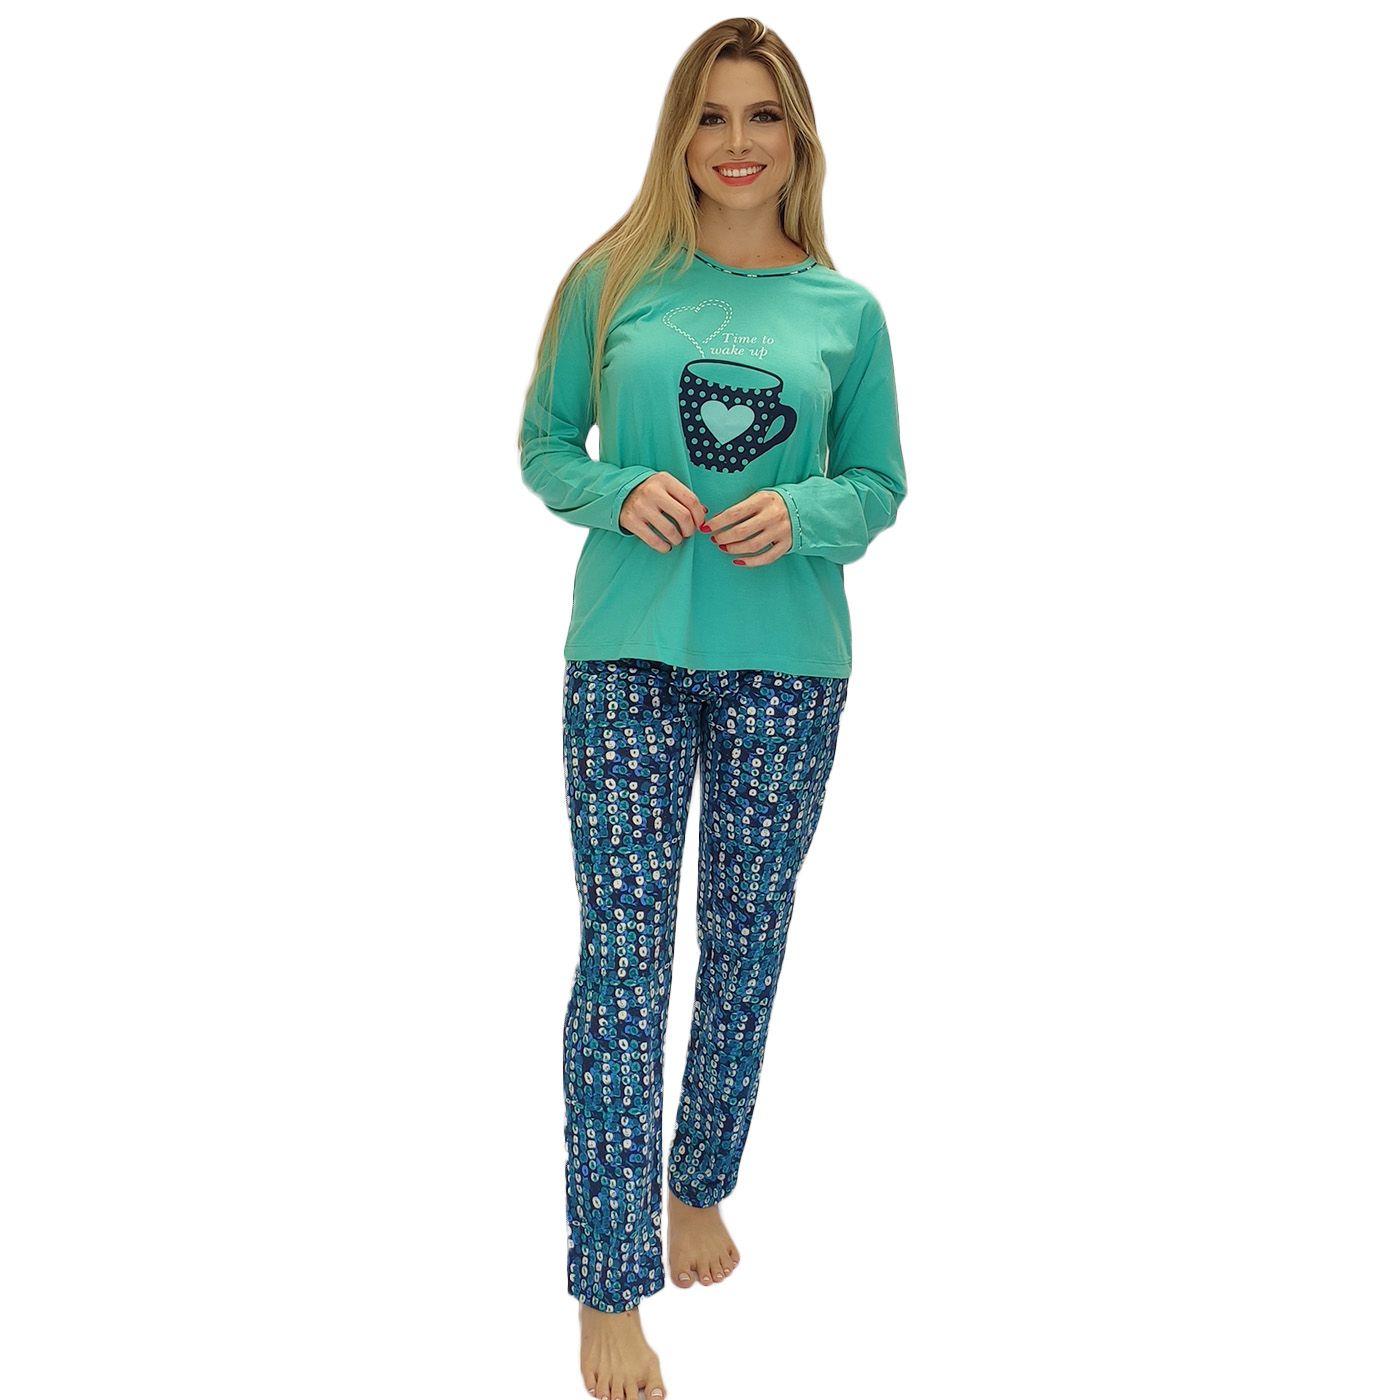 Pijama feminino inverno estampado hora de dormir algodão